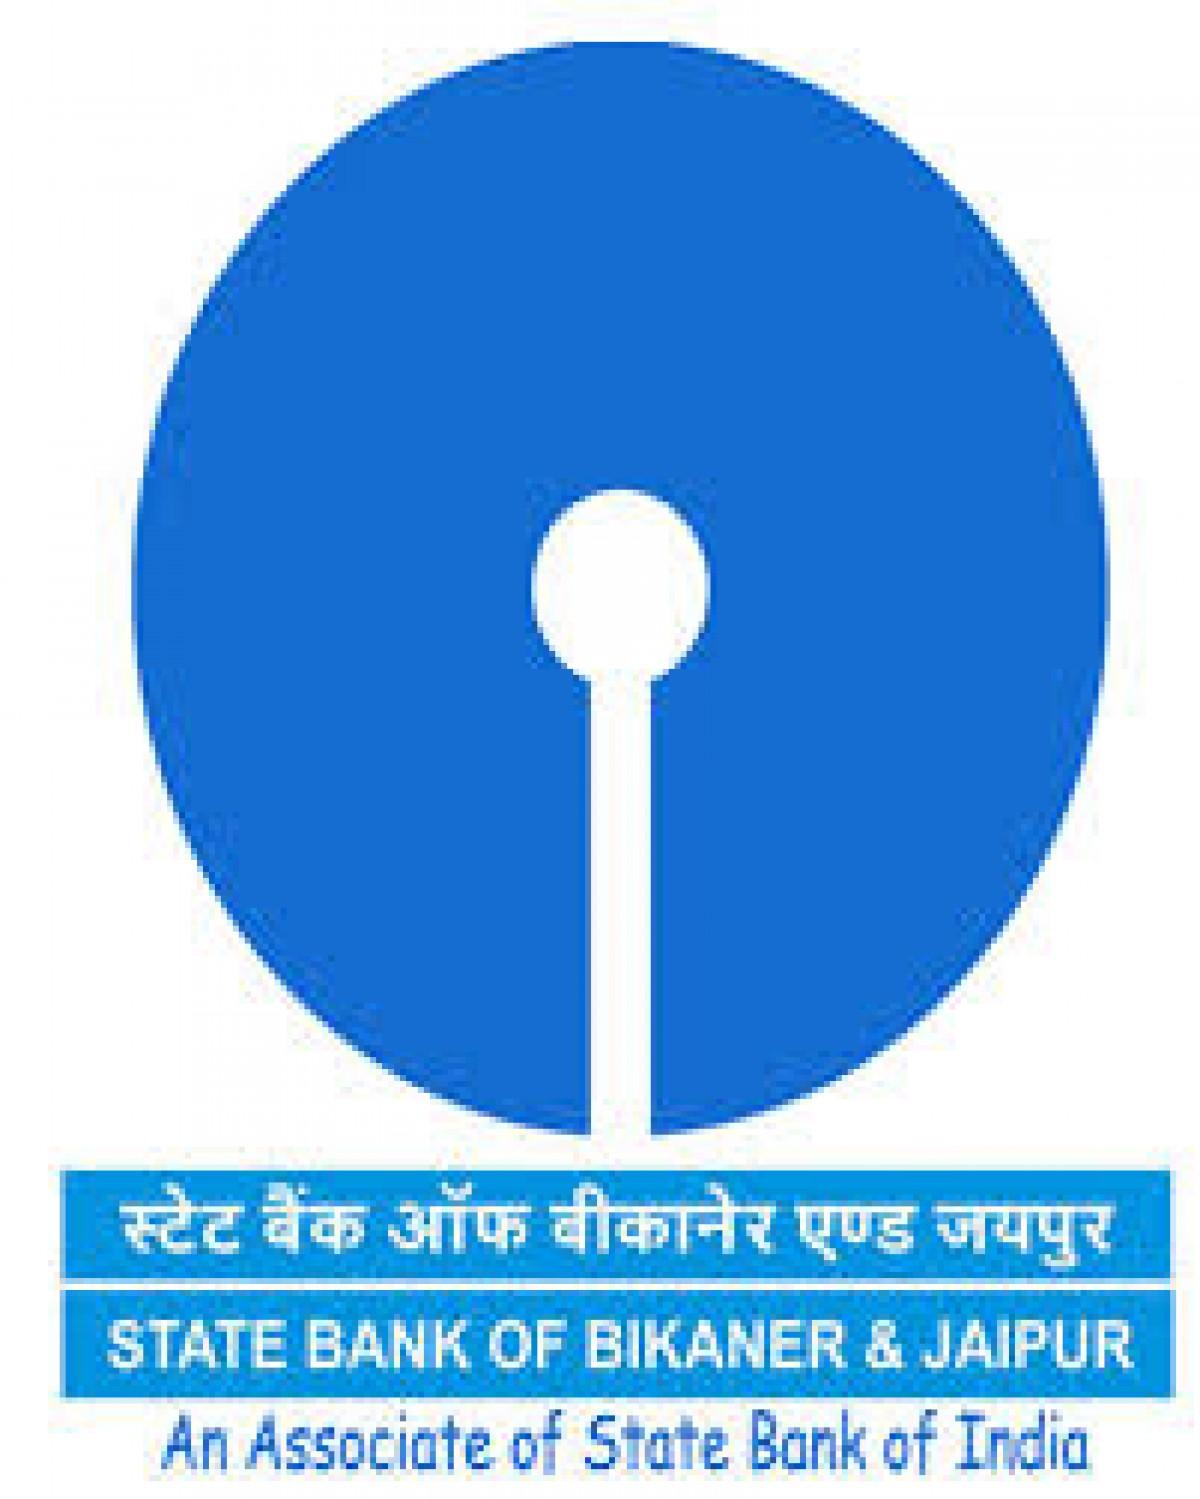 State Bank of Bikaner & Jaipur Recurring Deposit